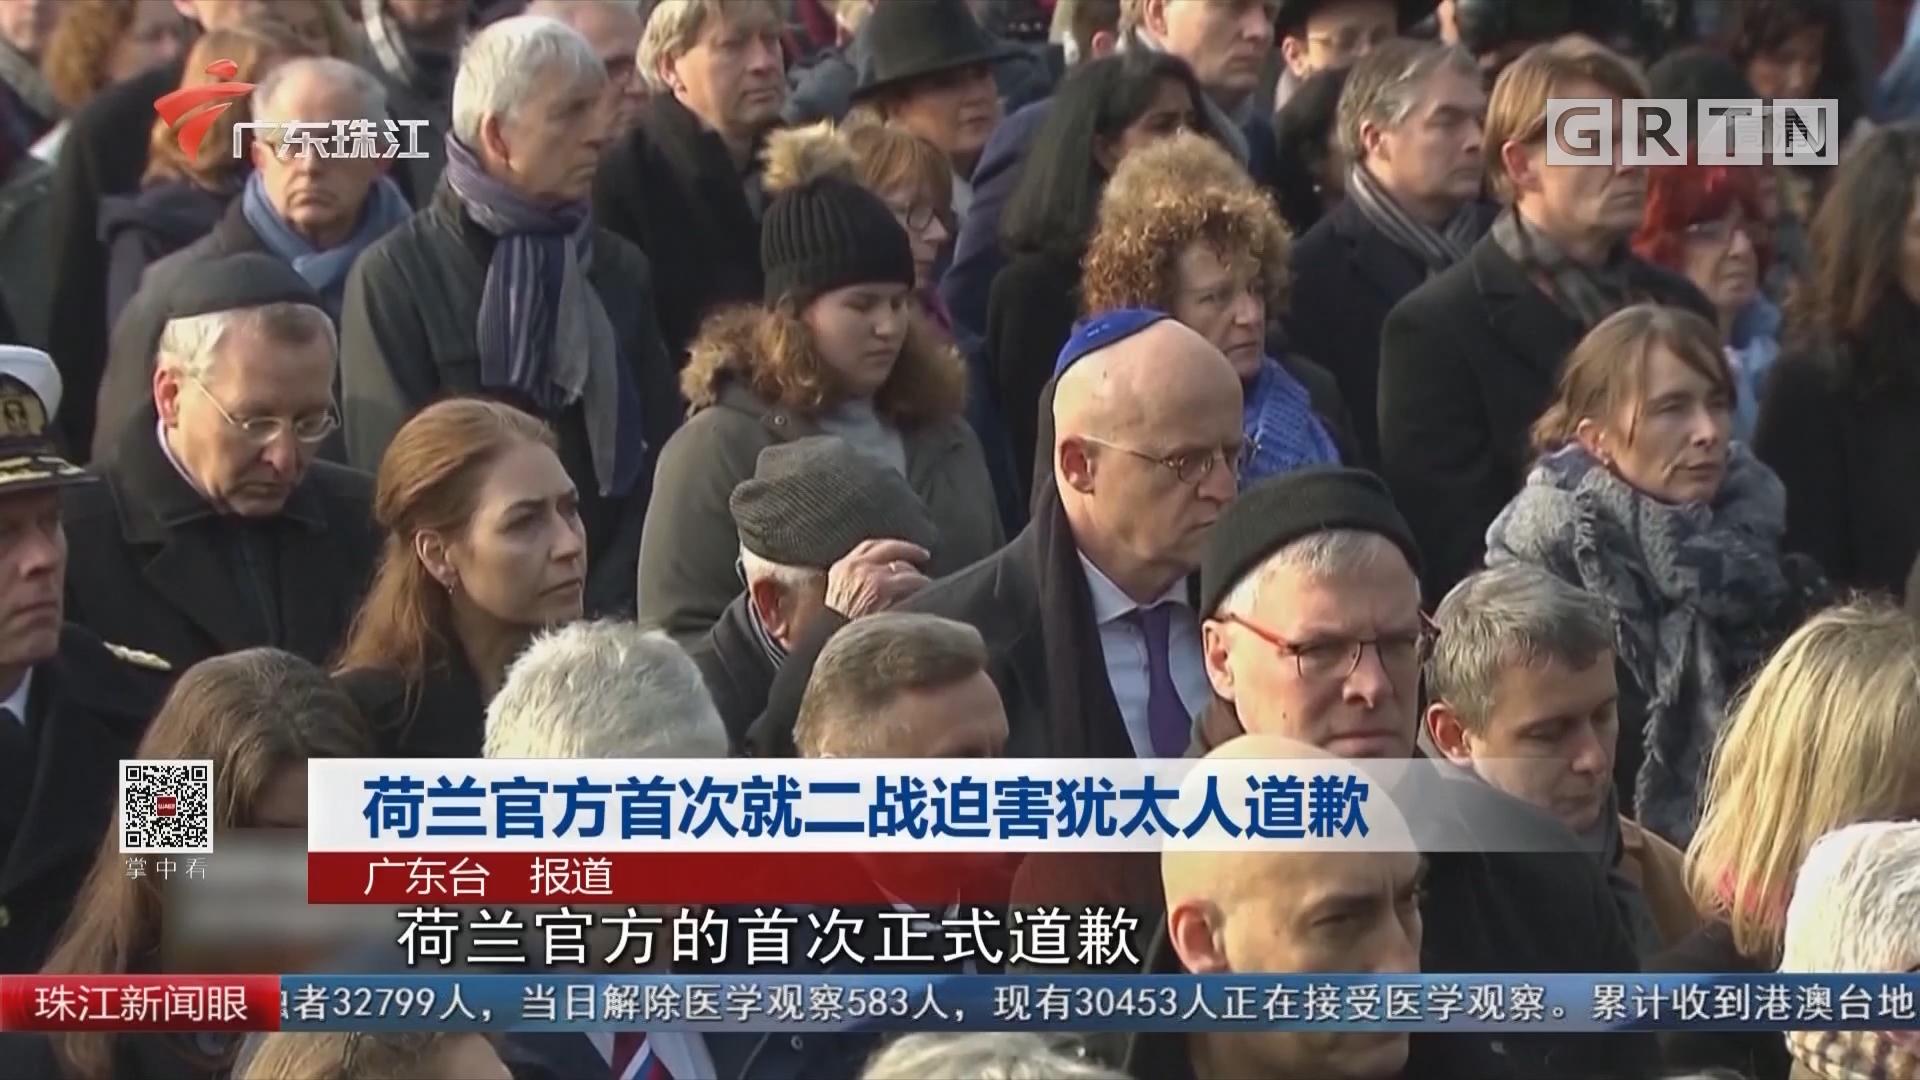 荷兰官方首次就二战迫害犹太人道歉